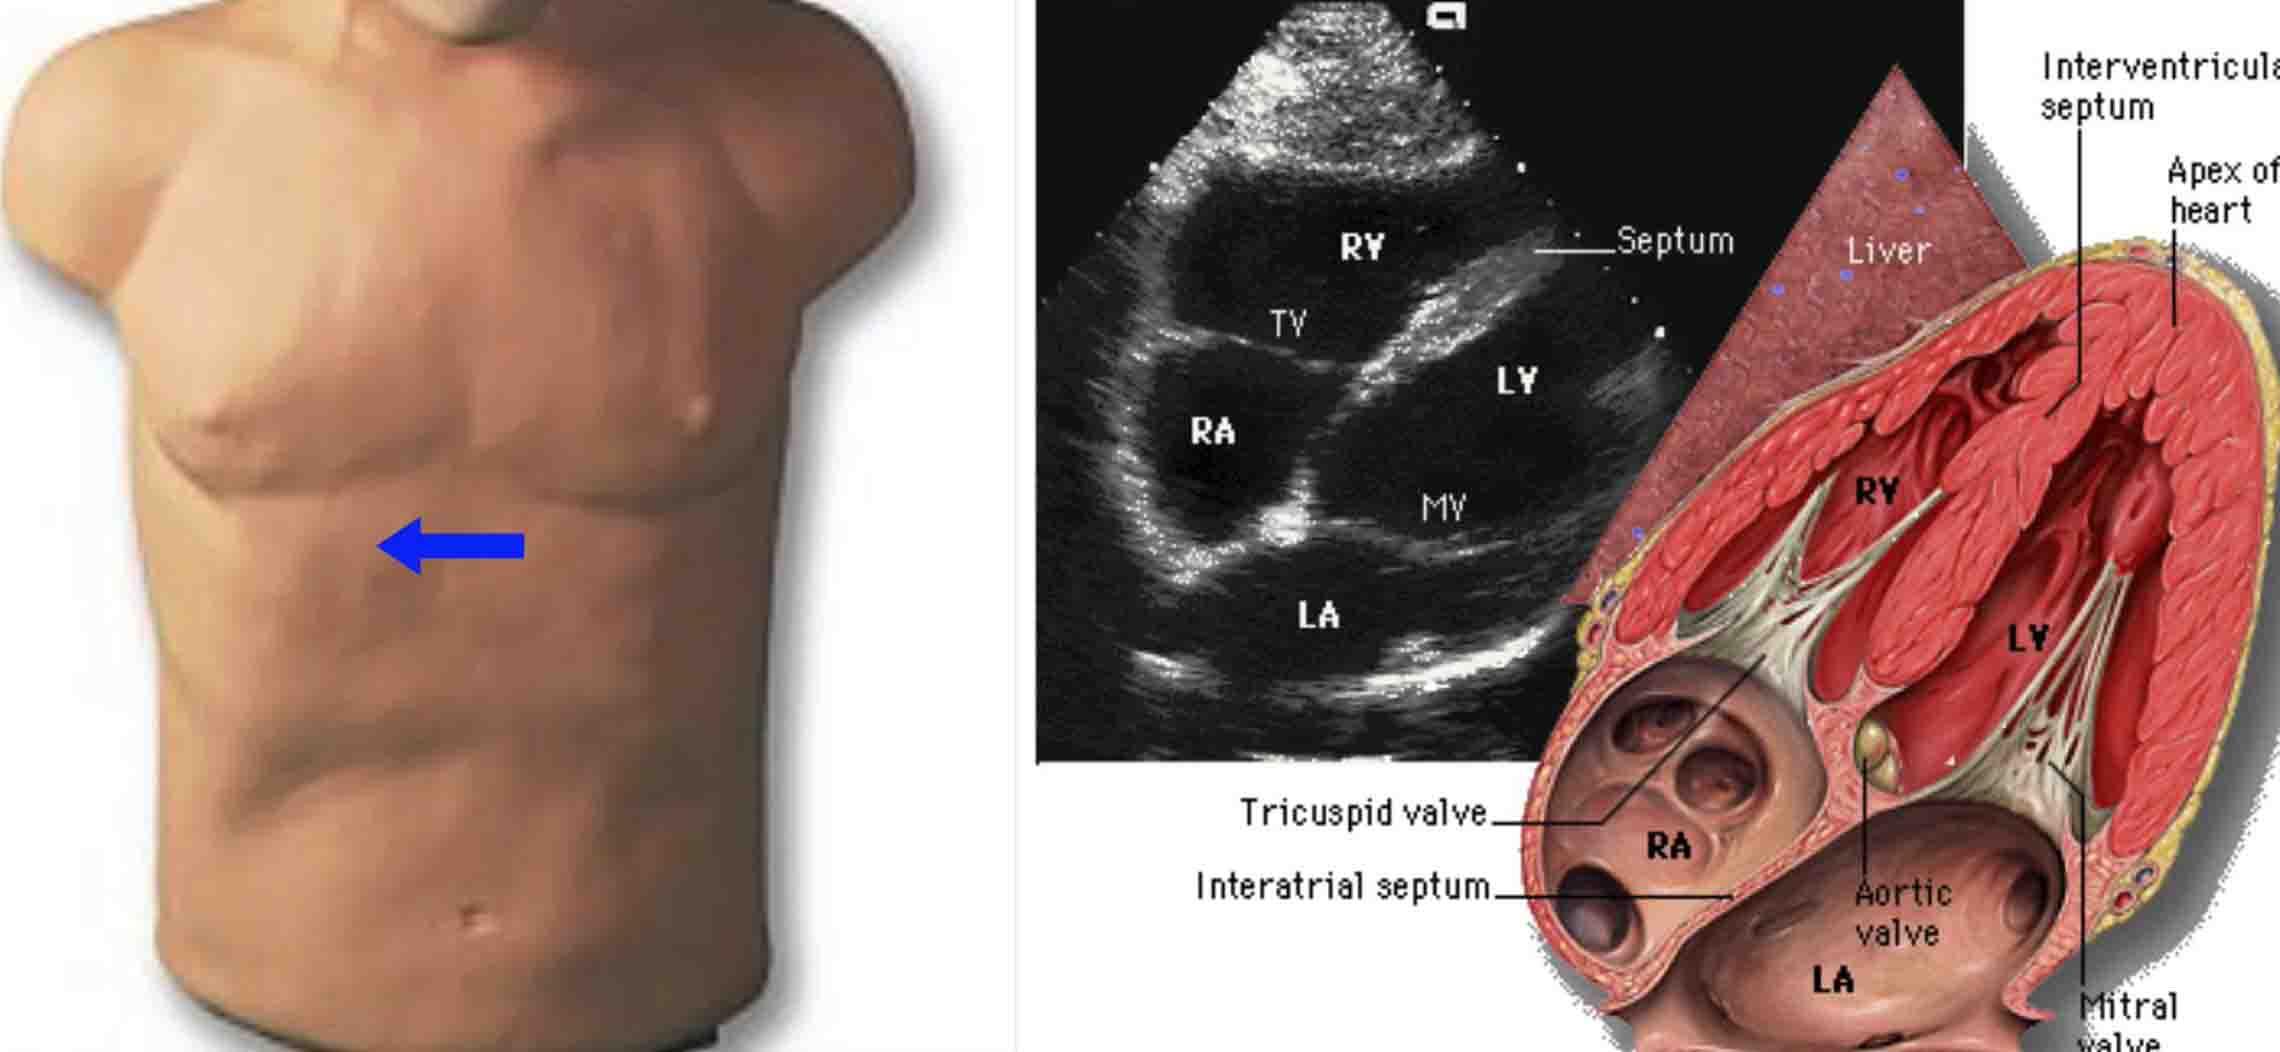 02. Giải phẫu tim người trưởng thành ứng dụng siêu âm Doppler – TS. Tô Thanh Lịch